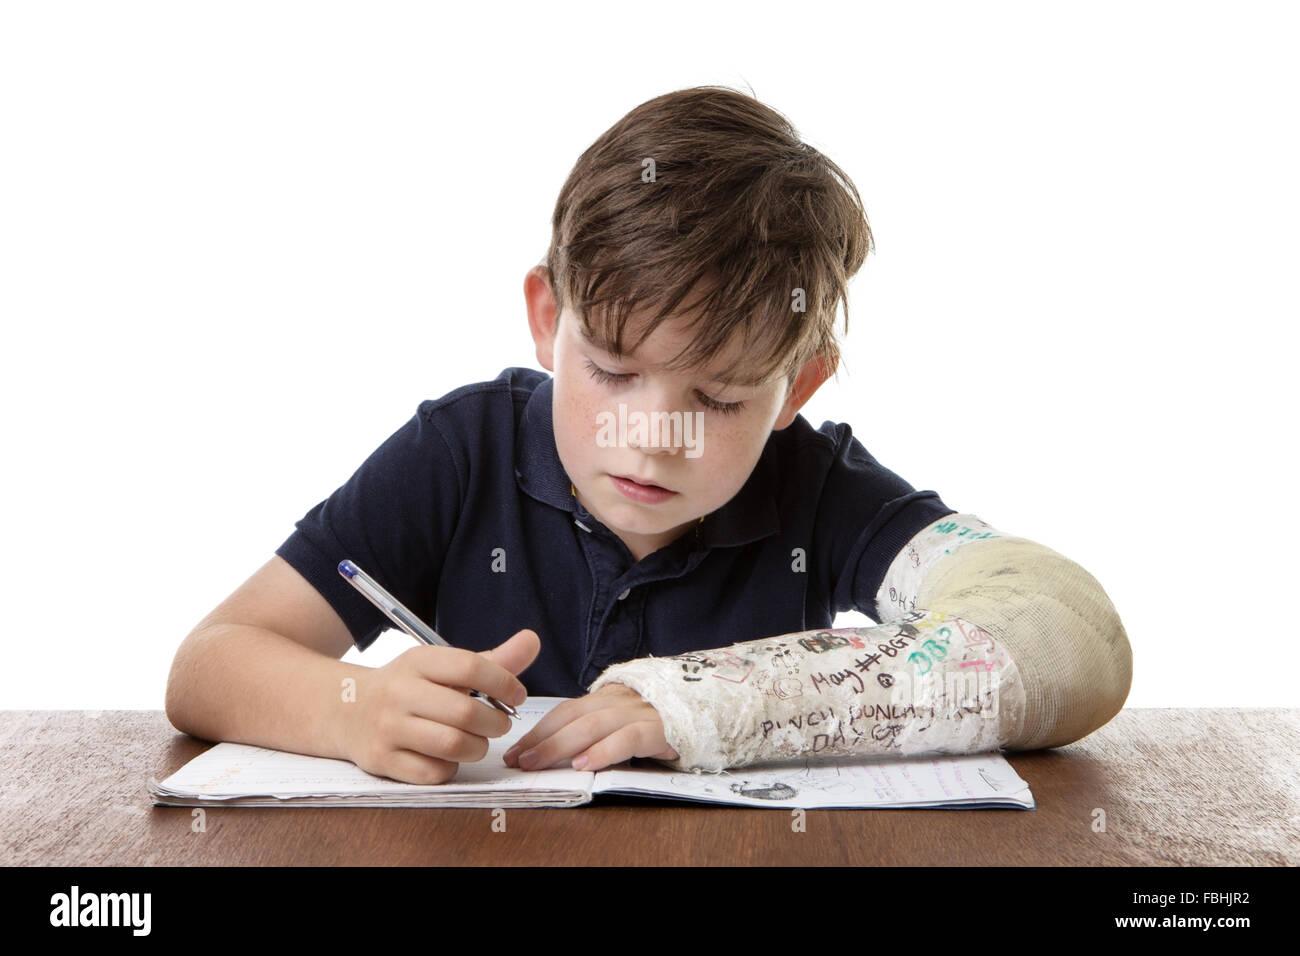 he is doing his homework